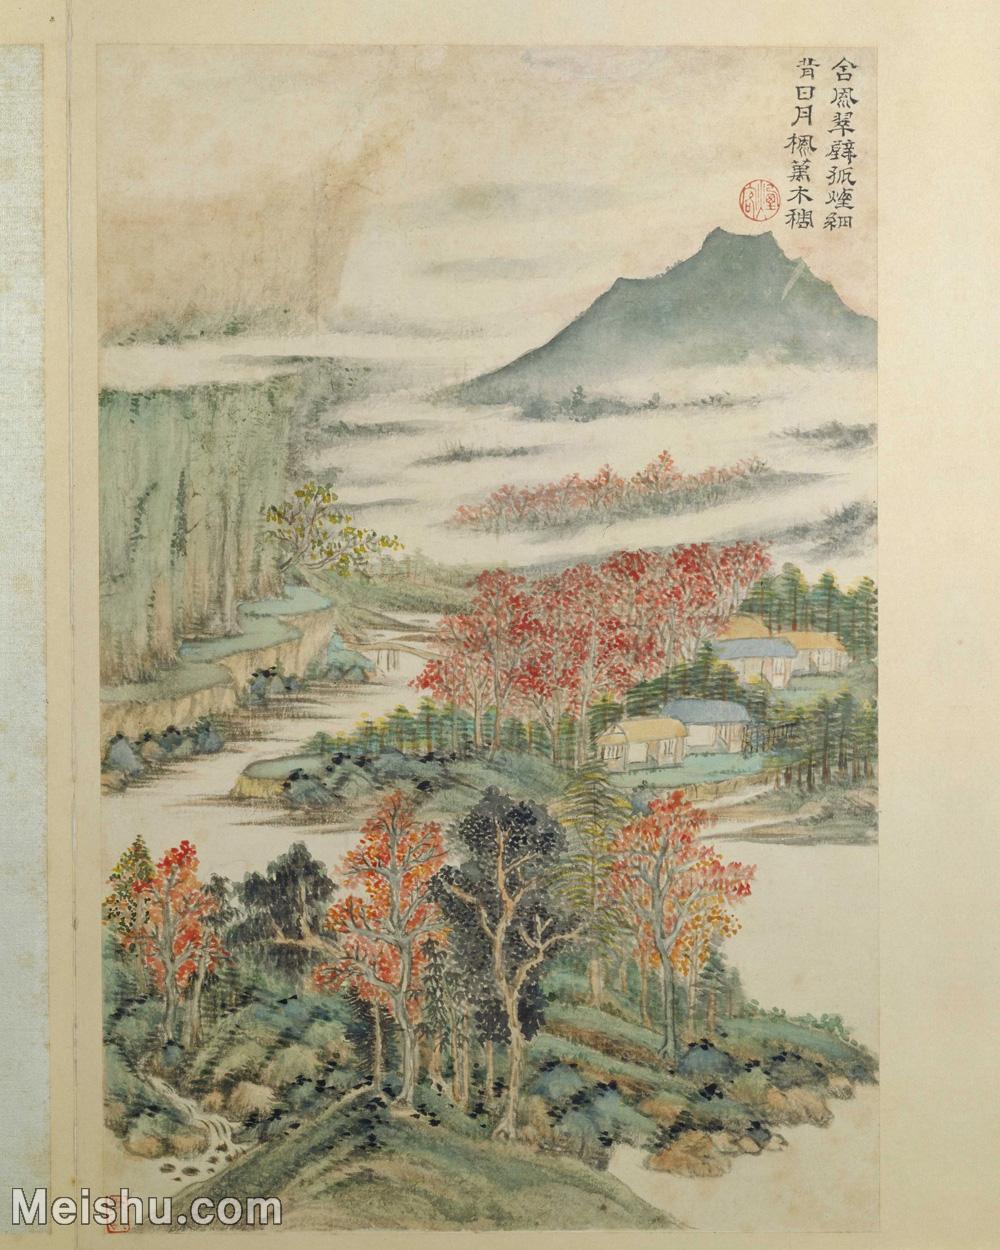 【印刷级】GH6061716古画王时敏杜甫诗意图册(4)-山川-房屋-树林册页图片-49M-3723X4652.jpg